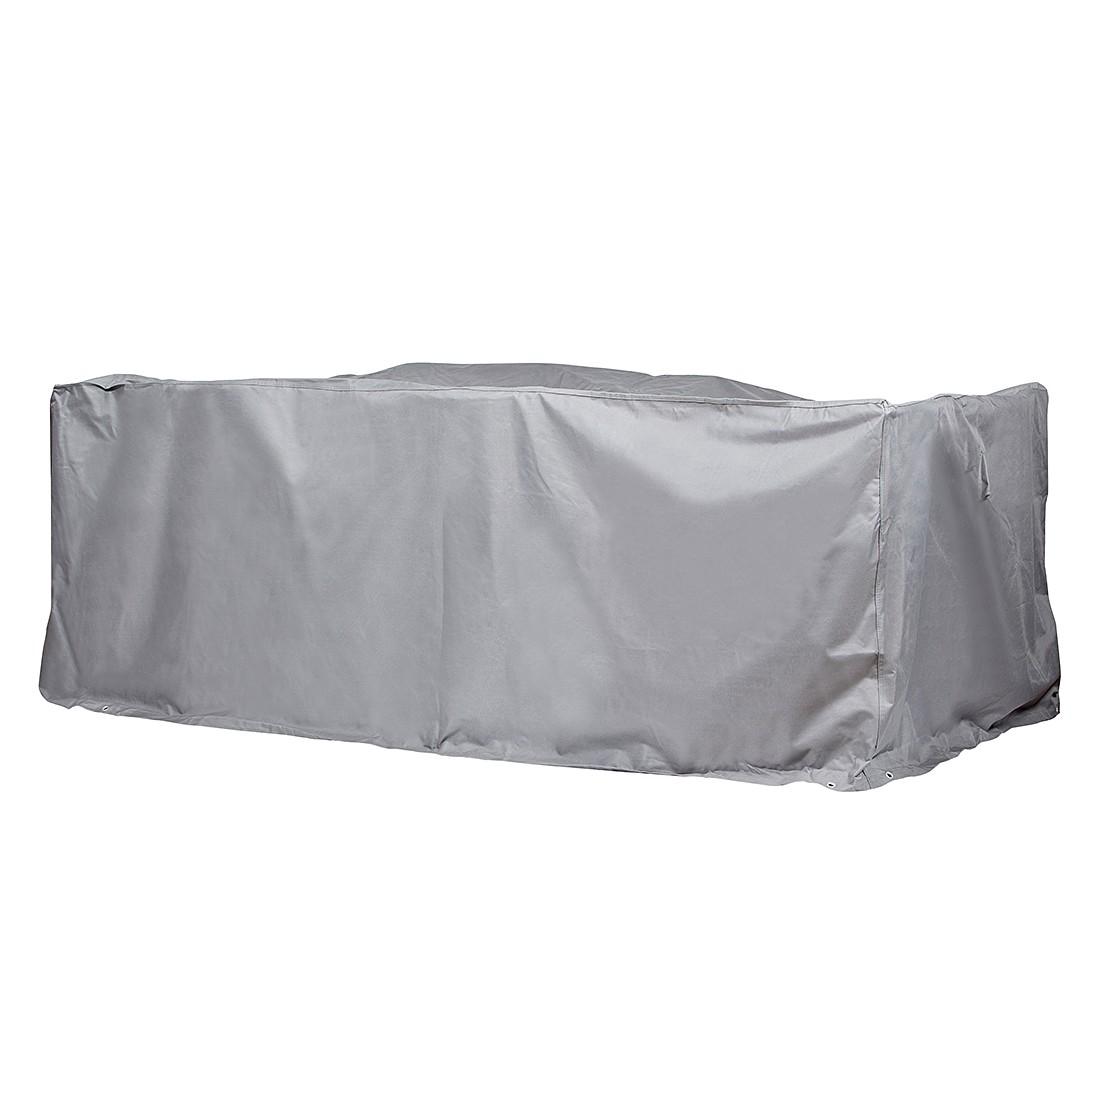 Schutzhülle Premium für rechteckige Sitzgruppe (250 x 150 cm) - Polyester, mehr Garten